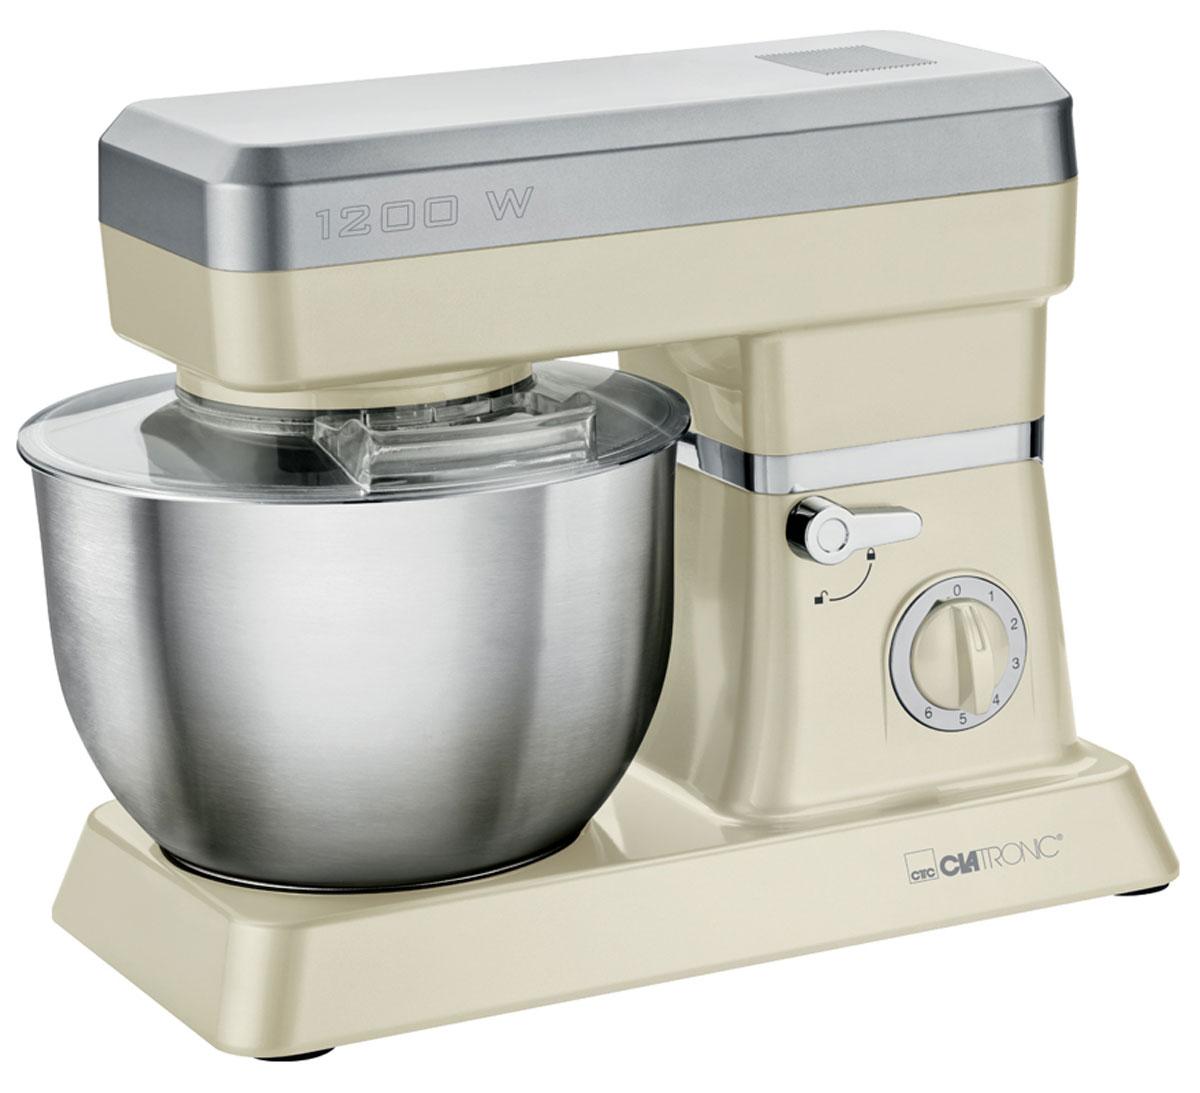 Clatronic KM 3630, Creme кухонный комбайнKM 3630 cremeСтационарный миксер Clatronic KM 3630 станет прекрасным помощником для любой хозяйки С ним вы сможетеготовить невероятно вкусные и аппетитные блюда, при этом сократив время их приготовление. Основнымназначением прибора является изготовление различных видов теста и кремов. Миксер качественно и быстроперемешивает различные ингредиенты, что дает возможность избежать комочков.Clatronic KM 3630 снабжен чашей из нержавеющей стали и механической системой управления. 6 скоростейзамешивания + импульсный режим обеспечат наилучший результат.Поворотный рукав на 35° Чаша из нержавеющей стали Быстрозажимной патрон Легко разбирается для мытья и чистки